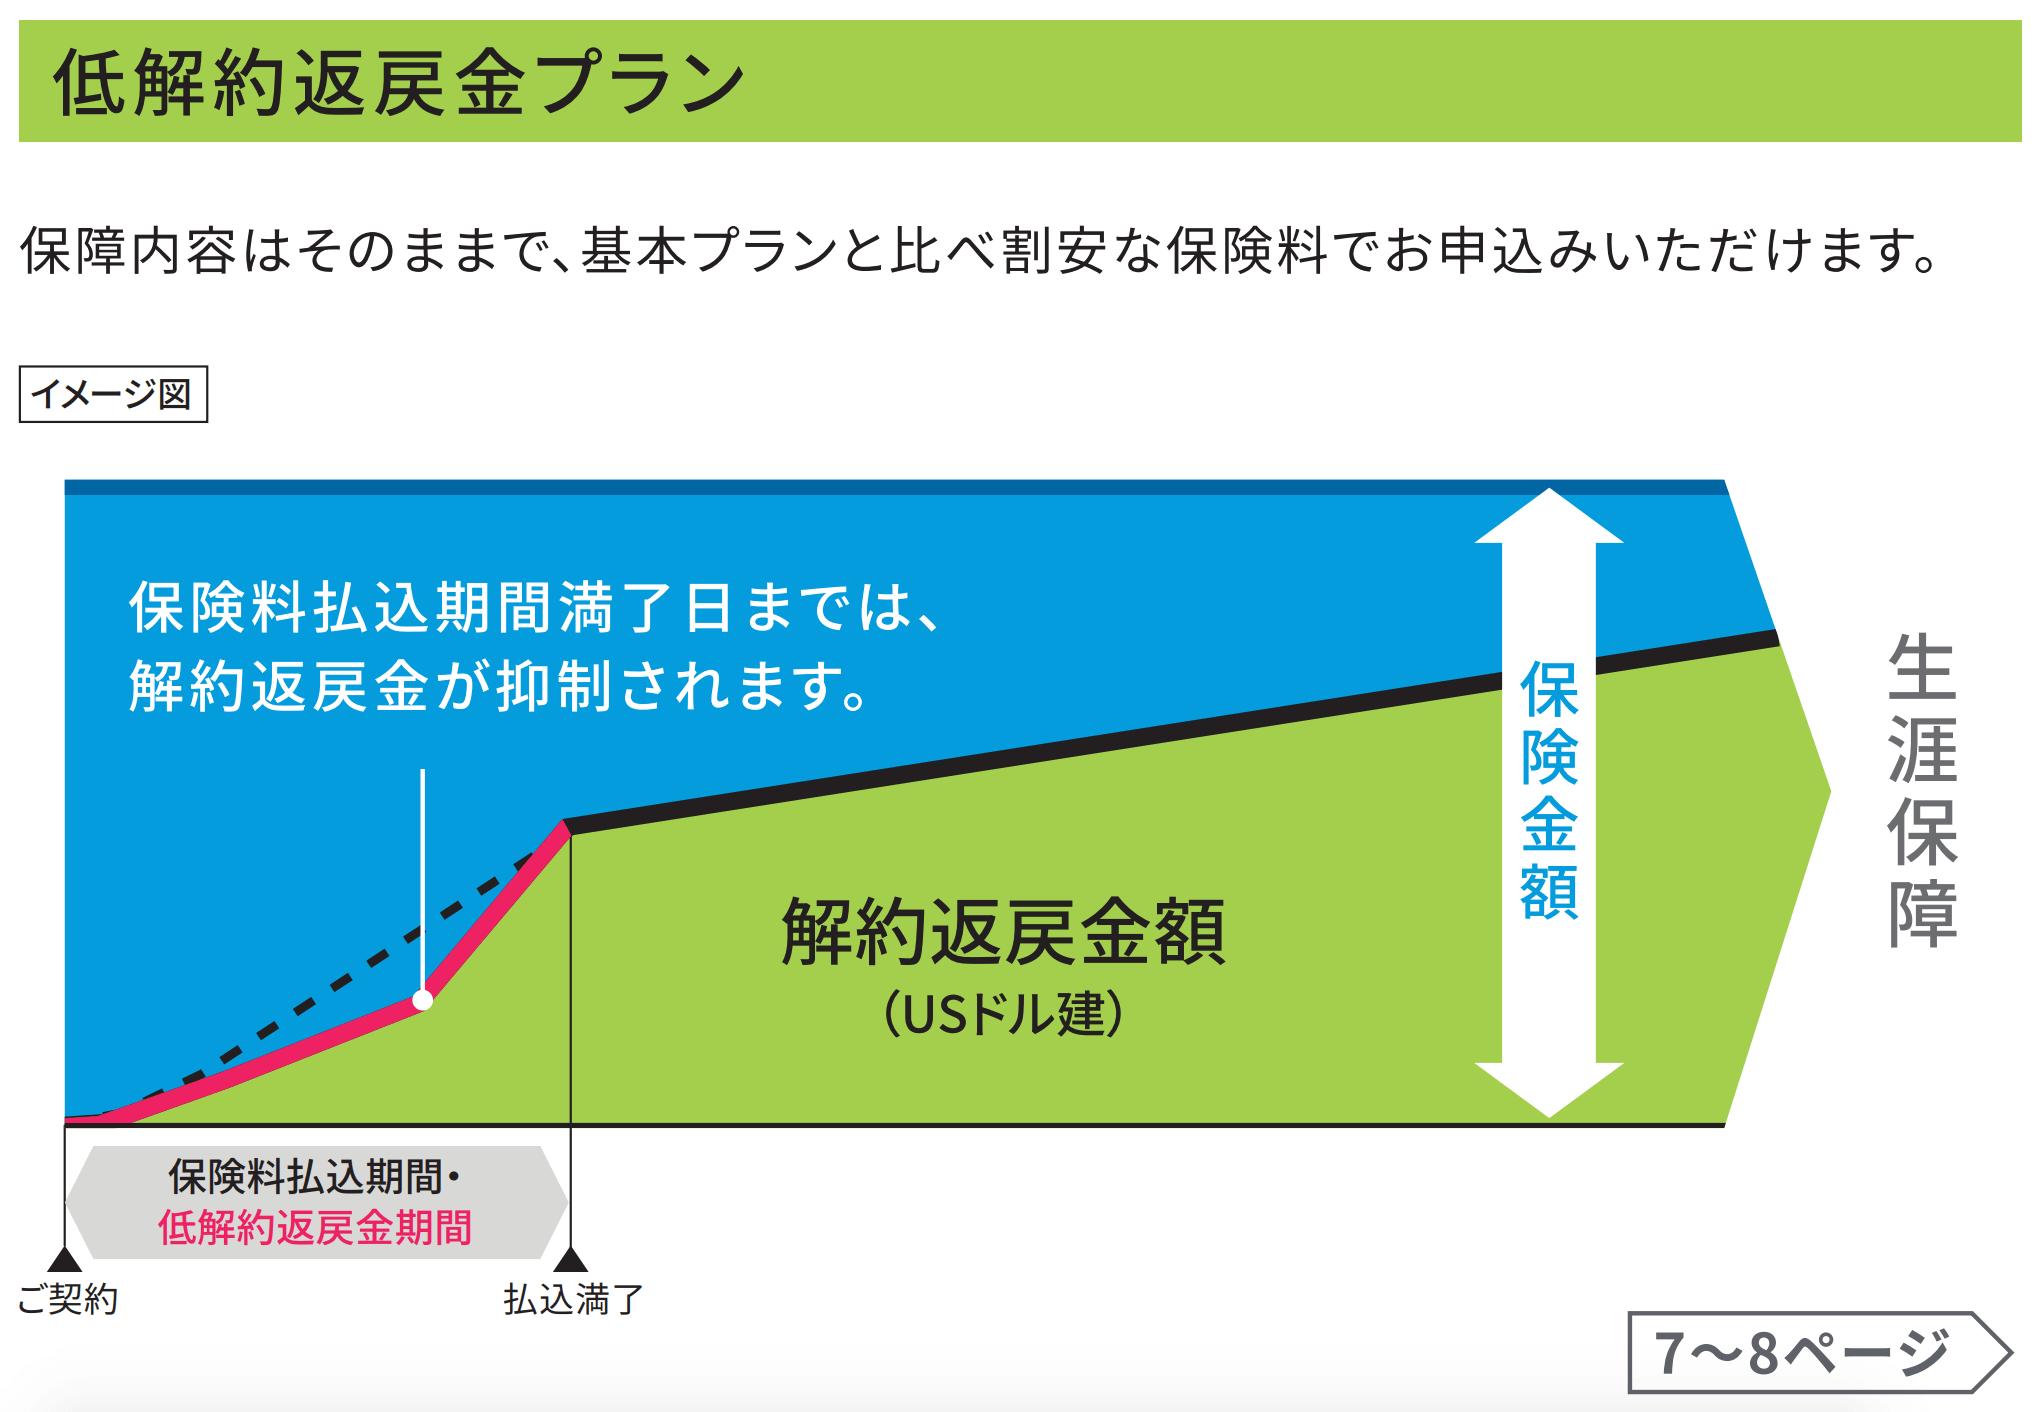 ドルスマートSの返戻率シミュレーション(低解約返戻金型)